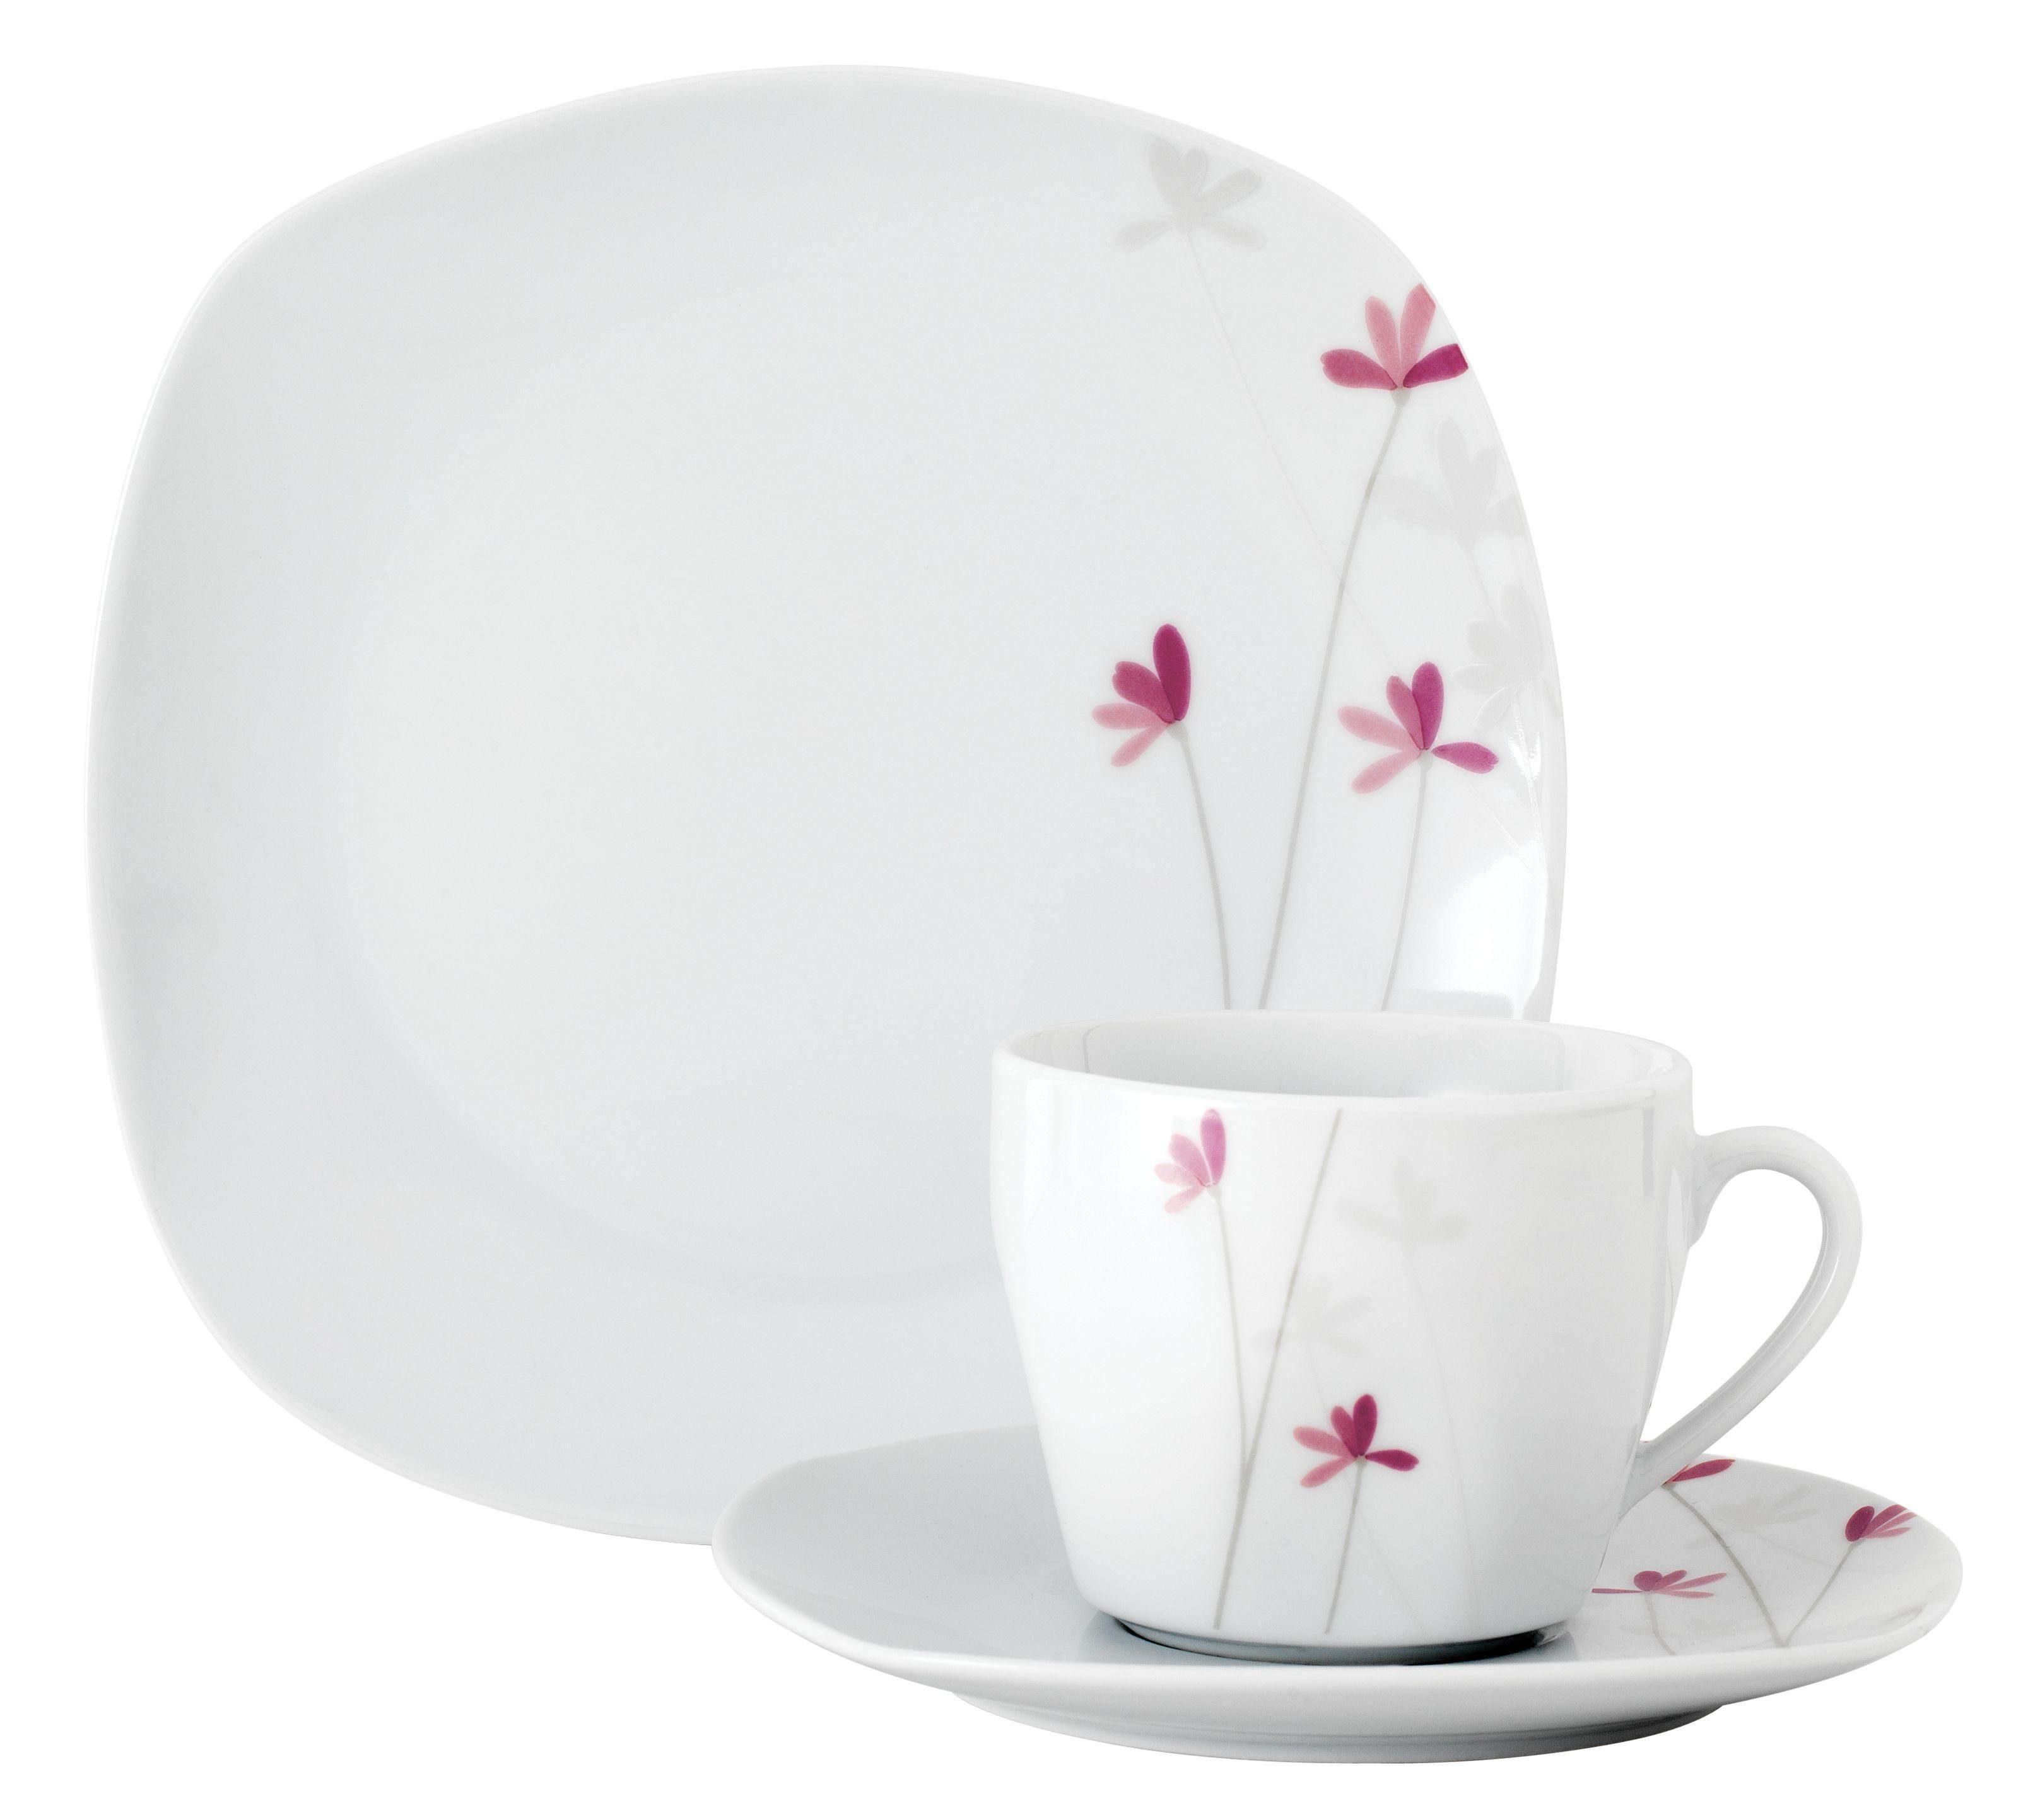 Van Well Kaffeeservice, Porzellan, 18 Teile, für 6 Personen, »Colette«